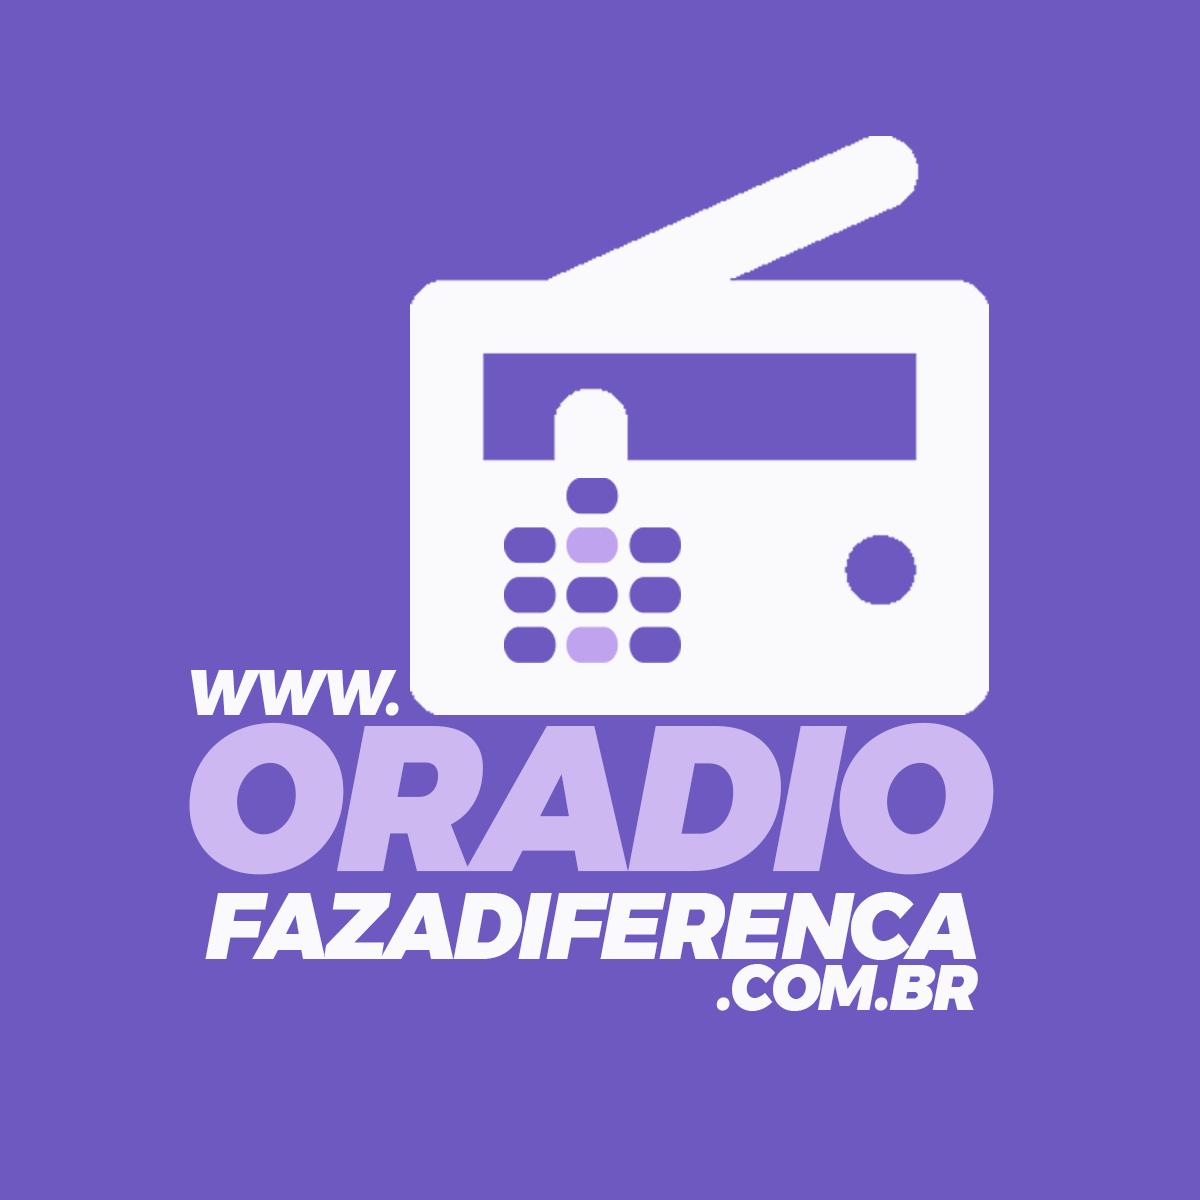 Logomarca O Rádio Faz a Diferença